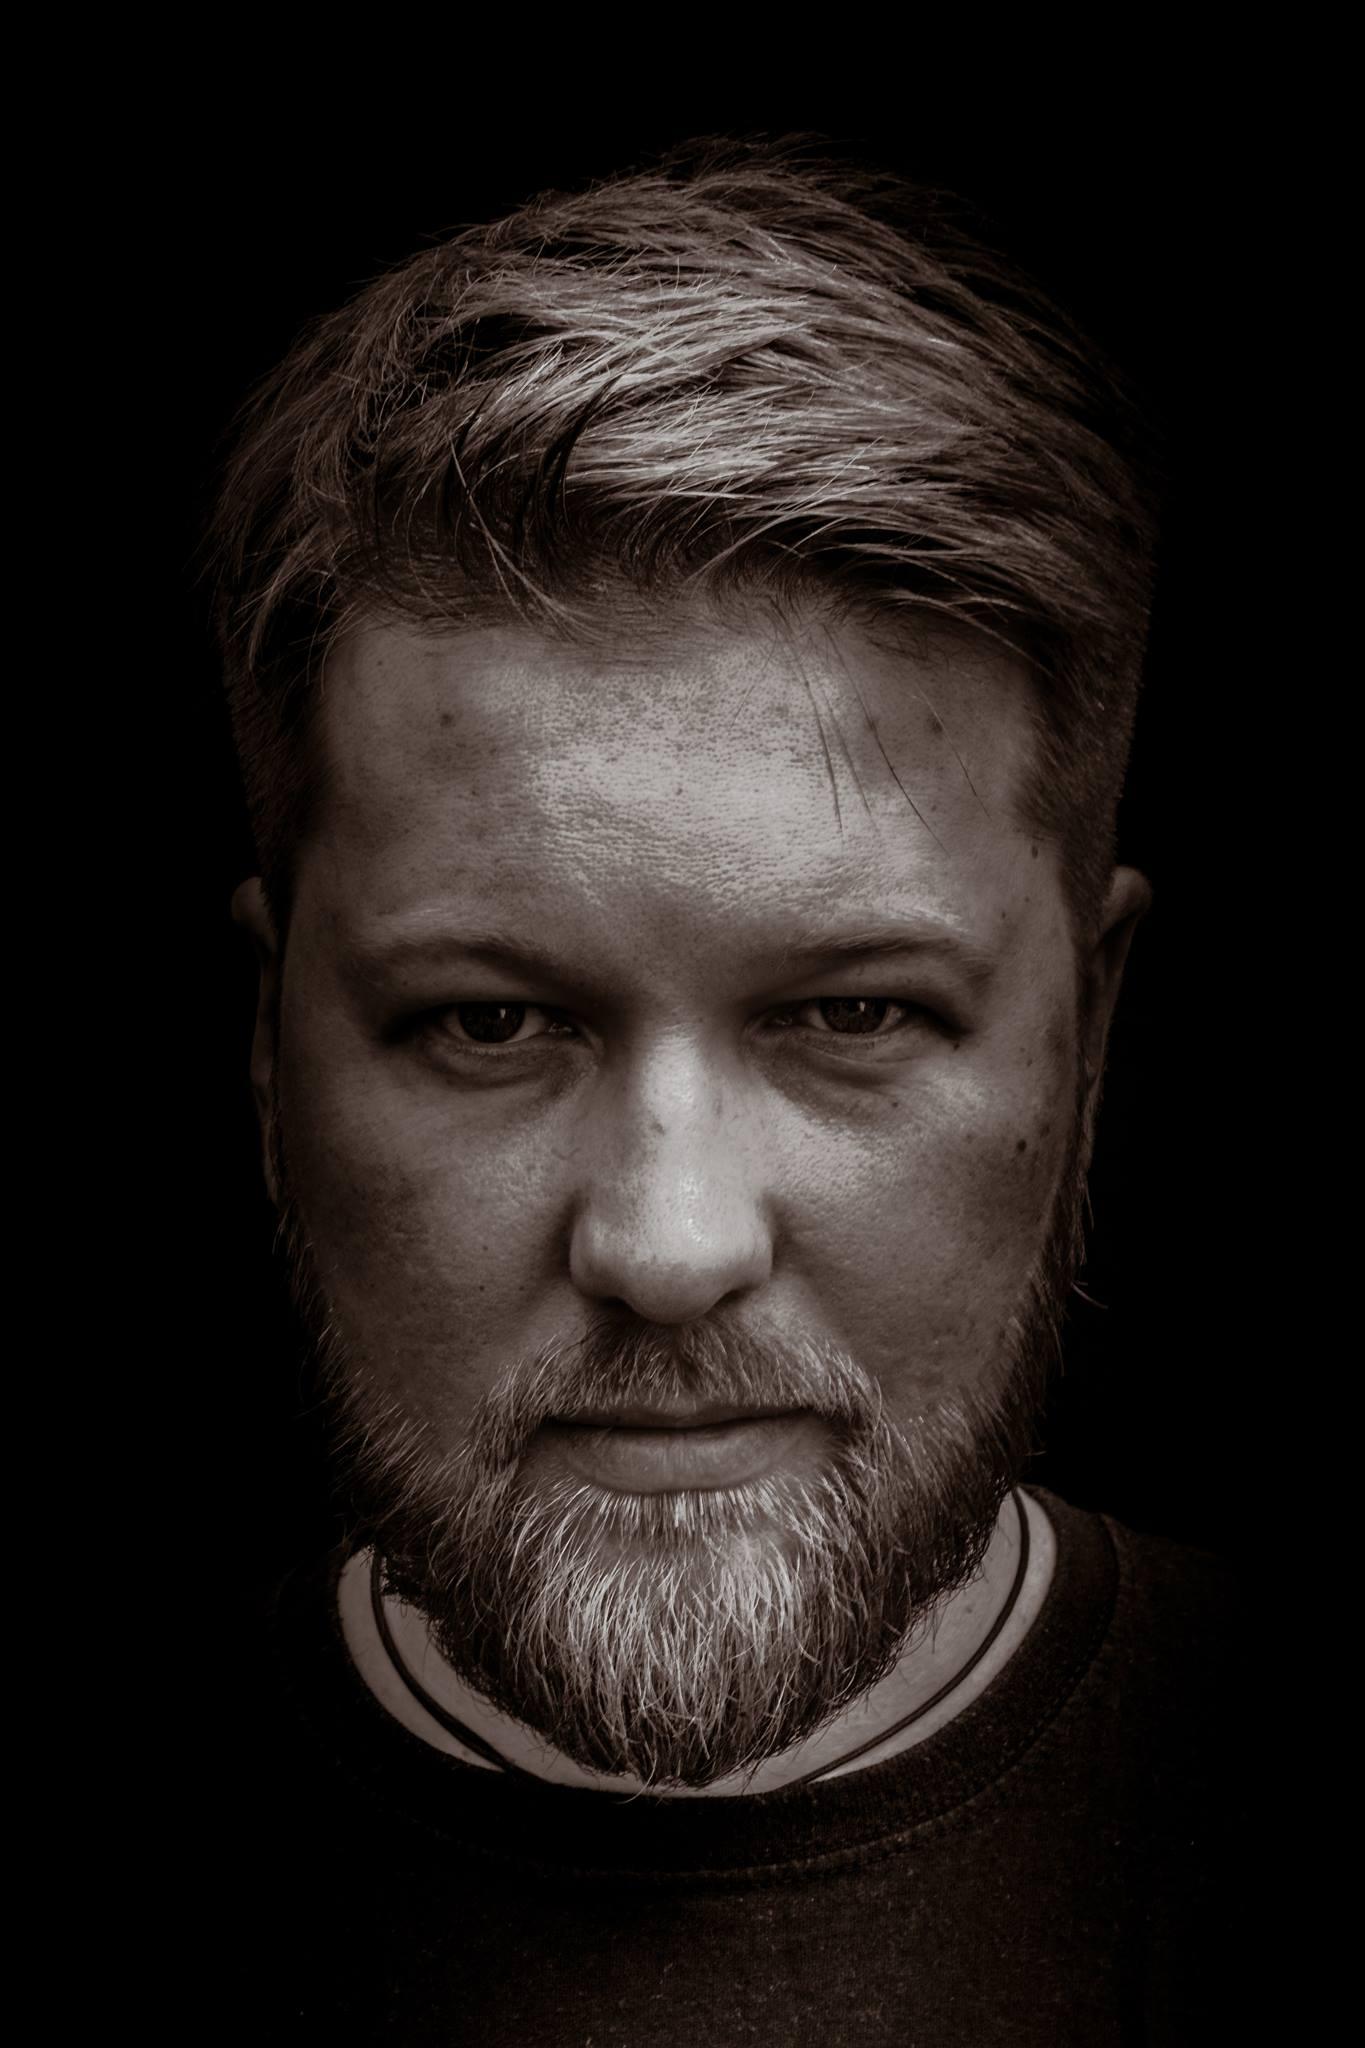 Piotr Mikolajczak